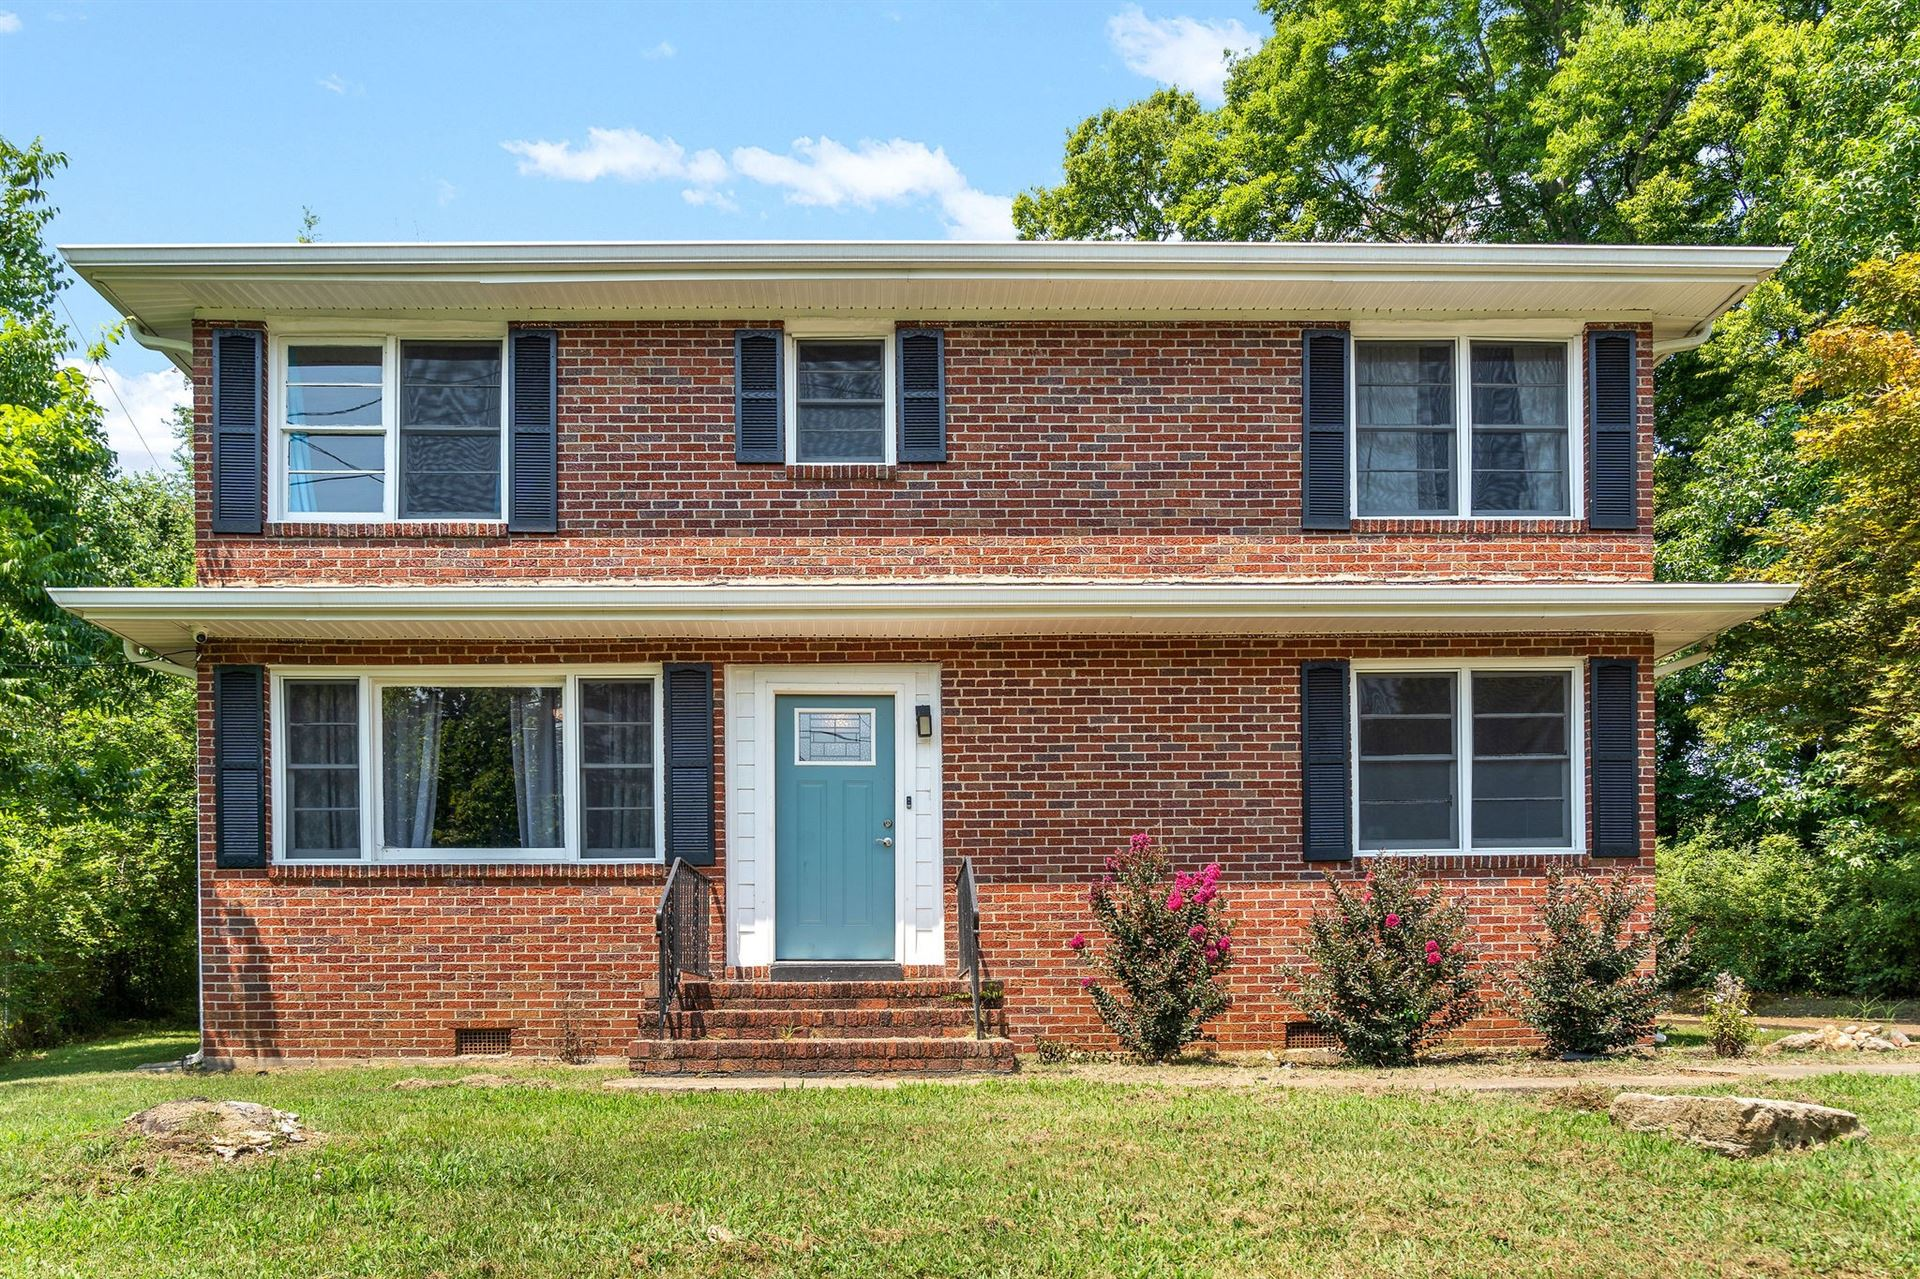 847 Woodmont Blvd, Clarksville, TN 37040 - MLS#: 2277478